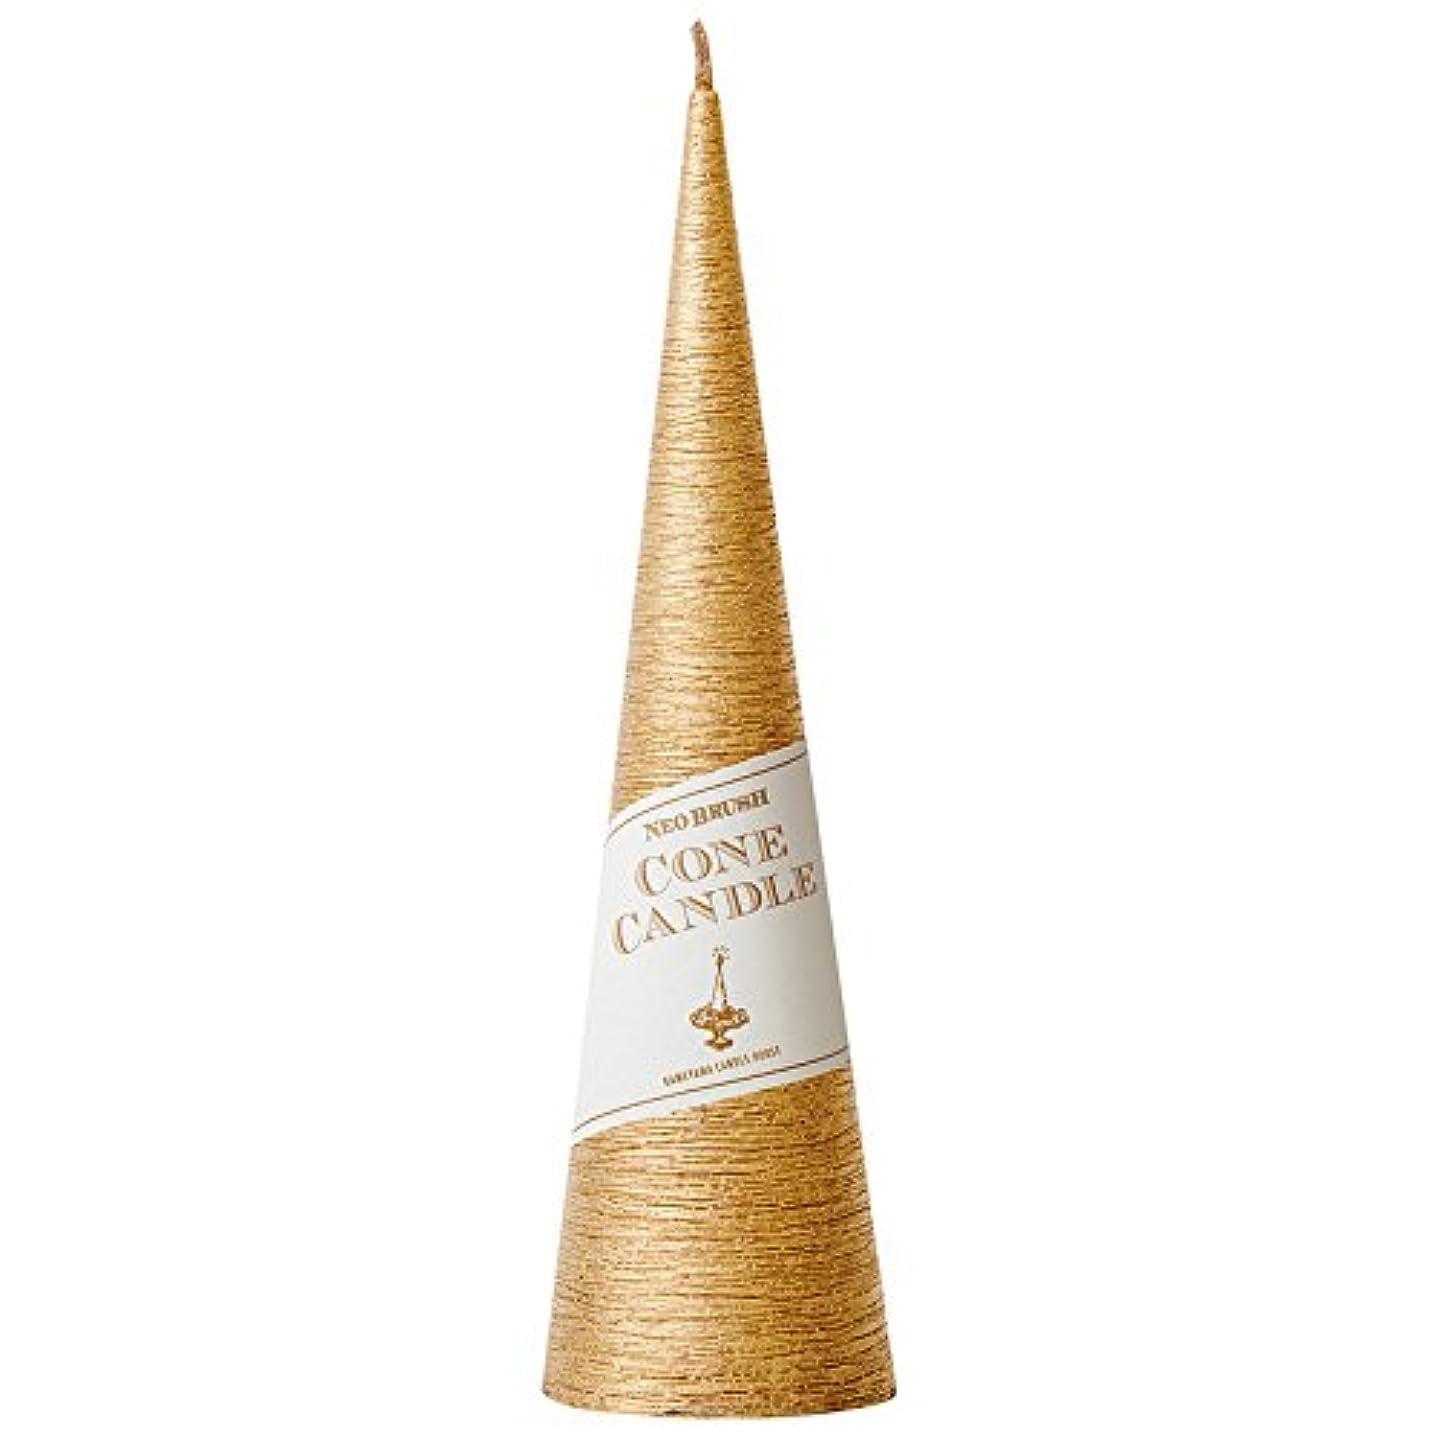 無駄な地味な色ネオブラッシュコーン 180 キャンドル 「 ゴールド 」 A9750110GO